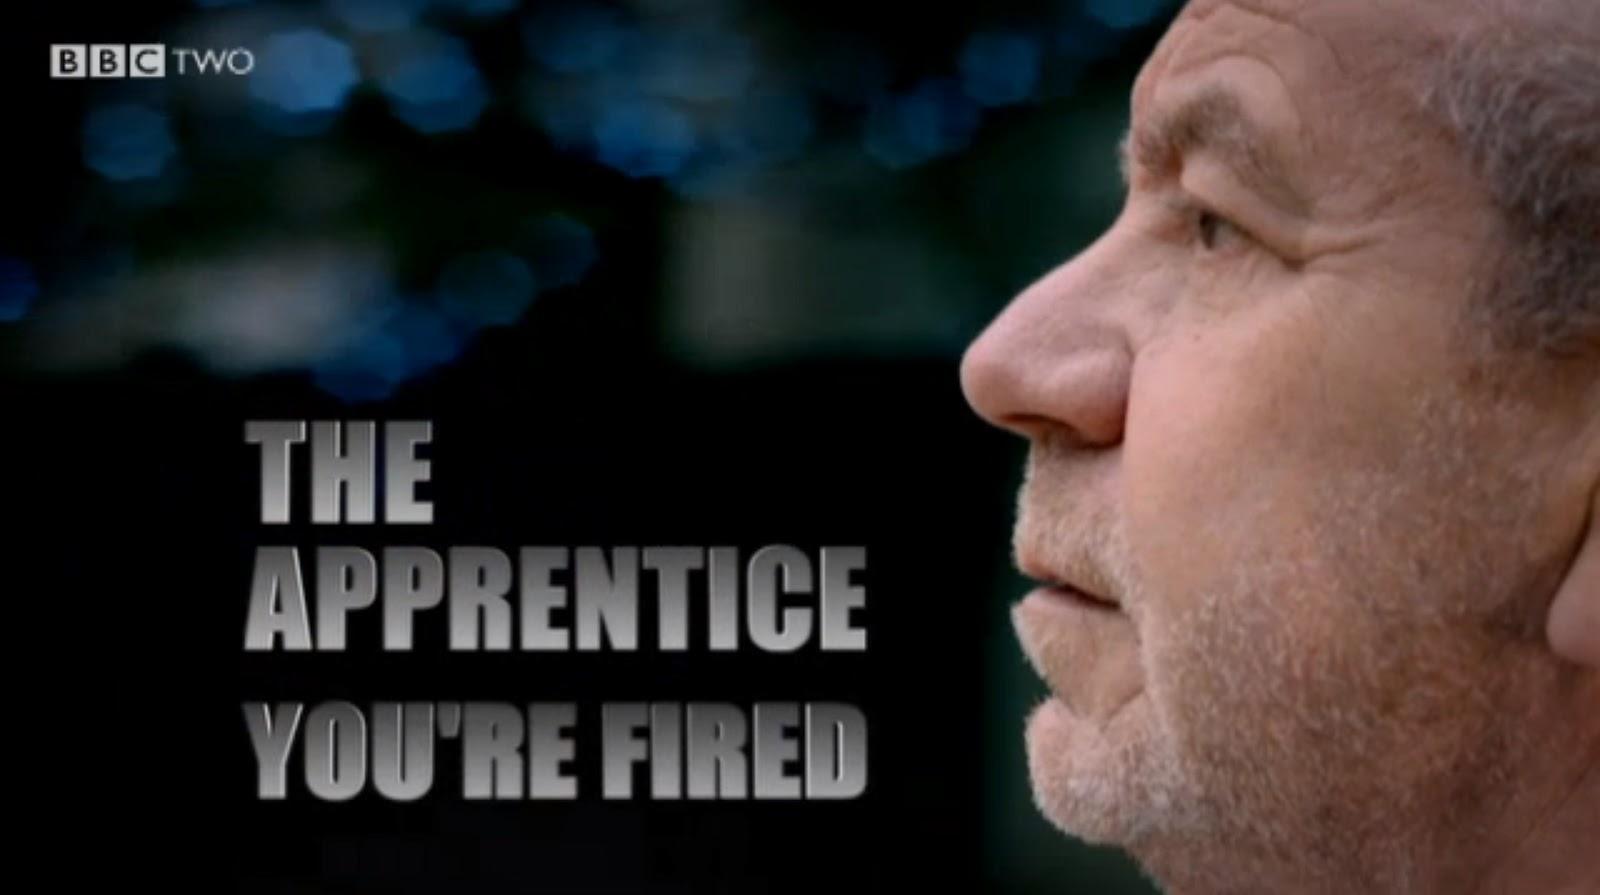 The Apprentice Youre Fired S14E03 Doughnuts HDTV x264-PLUTONiUM